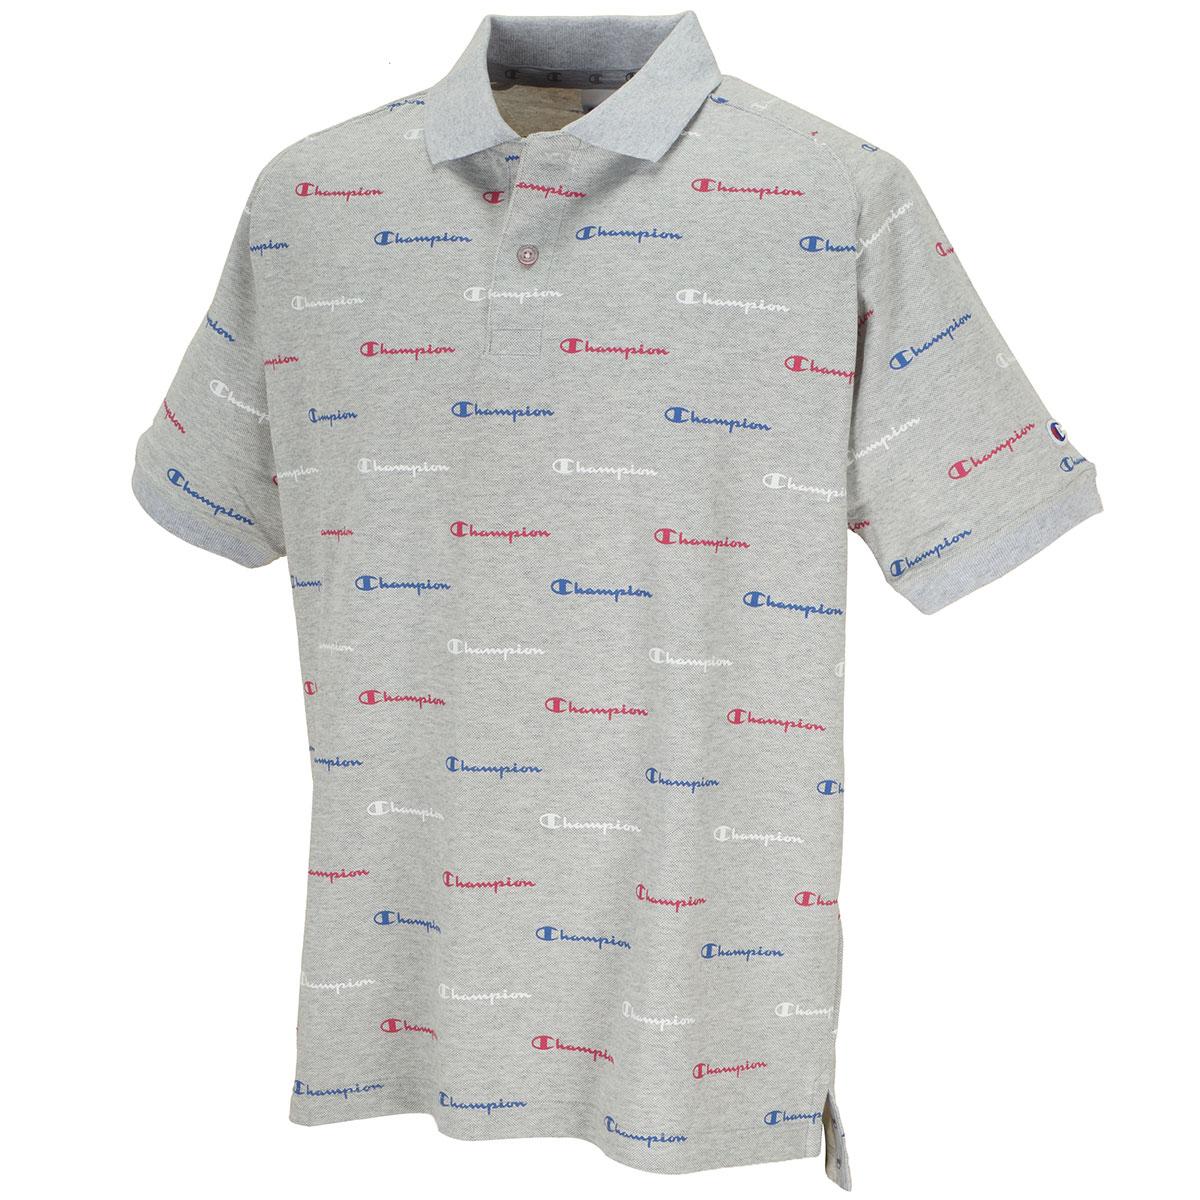 スクリプトロゴ 半袖ポロシャツ